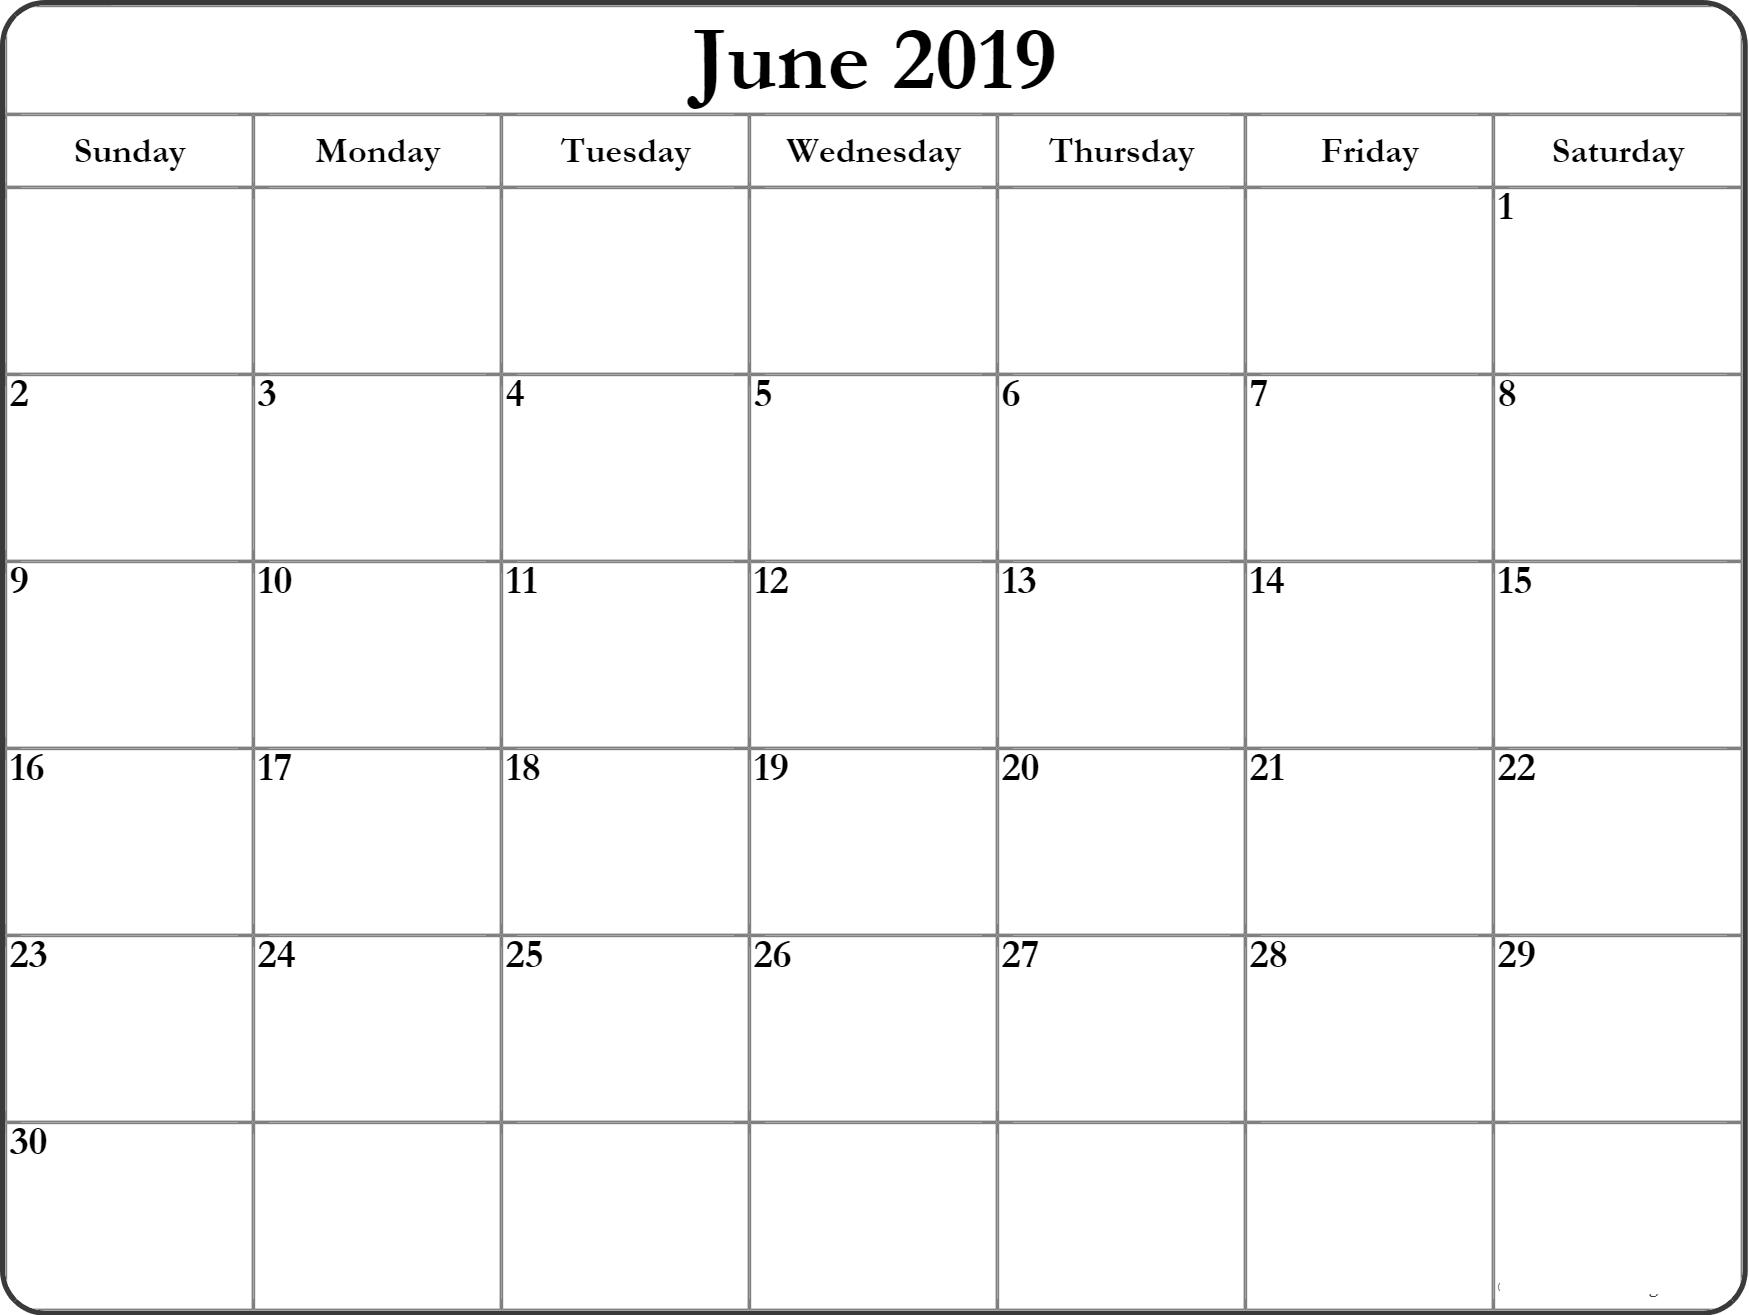 2019 June Printable Calendar